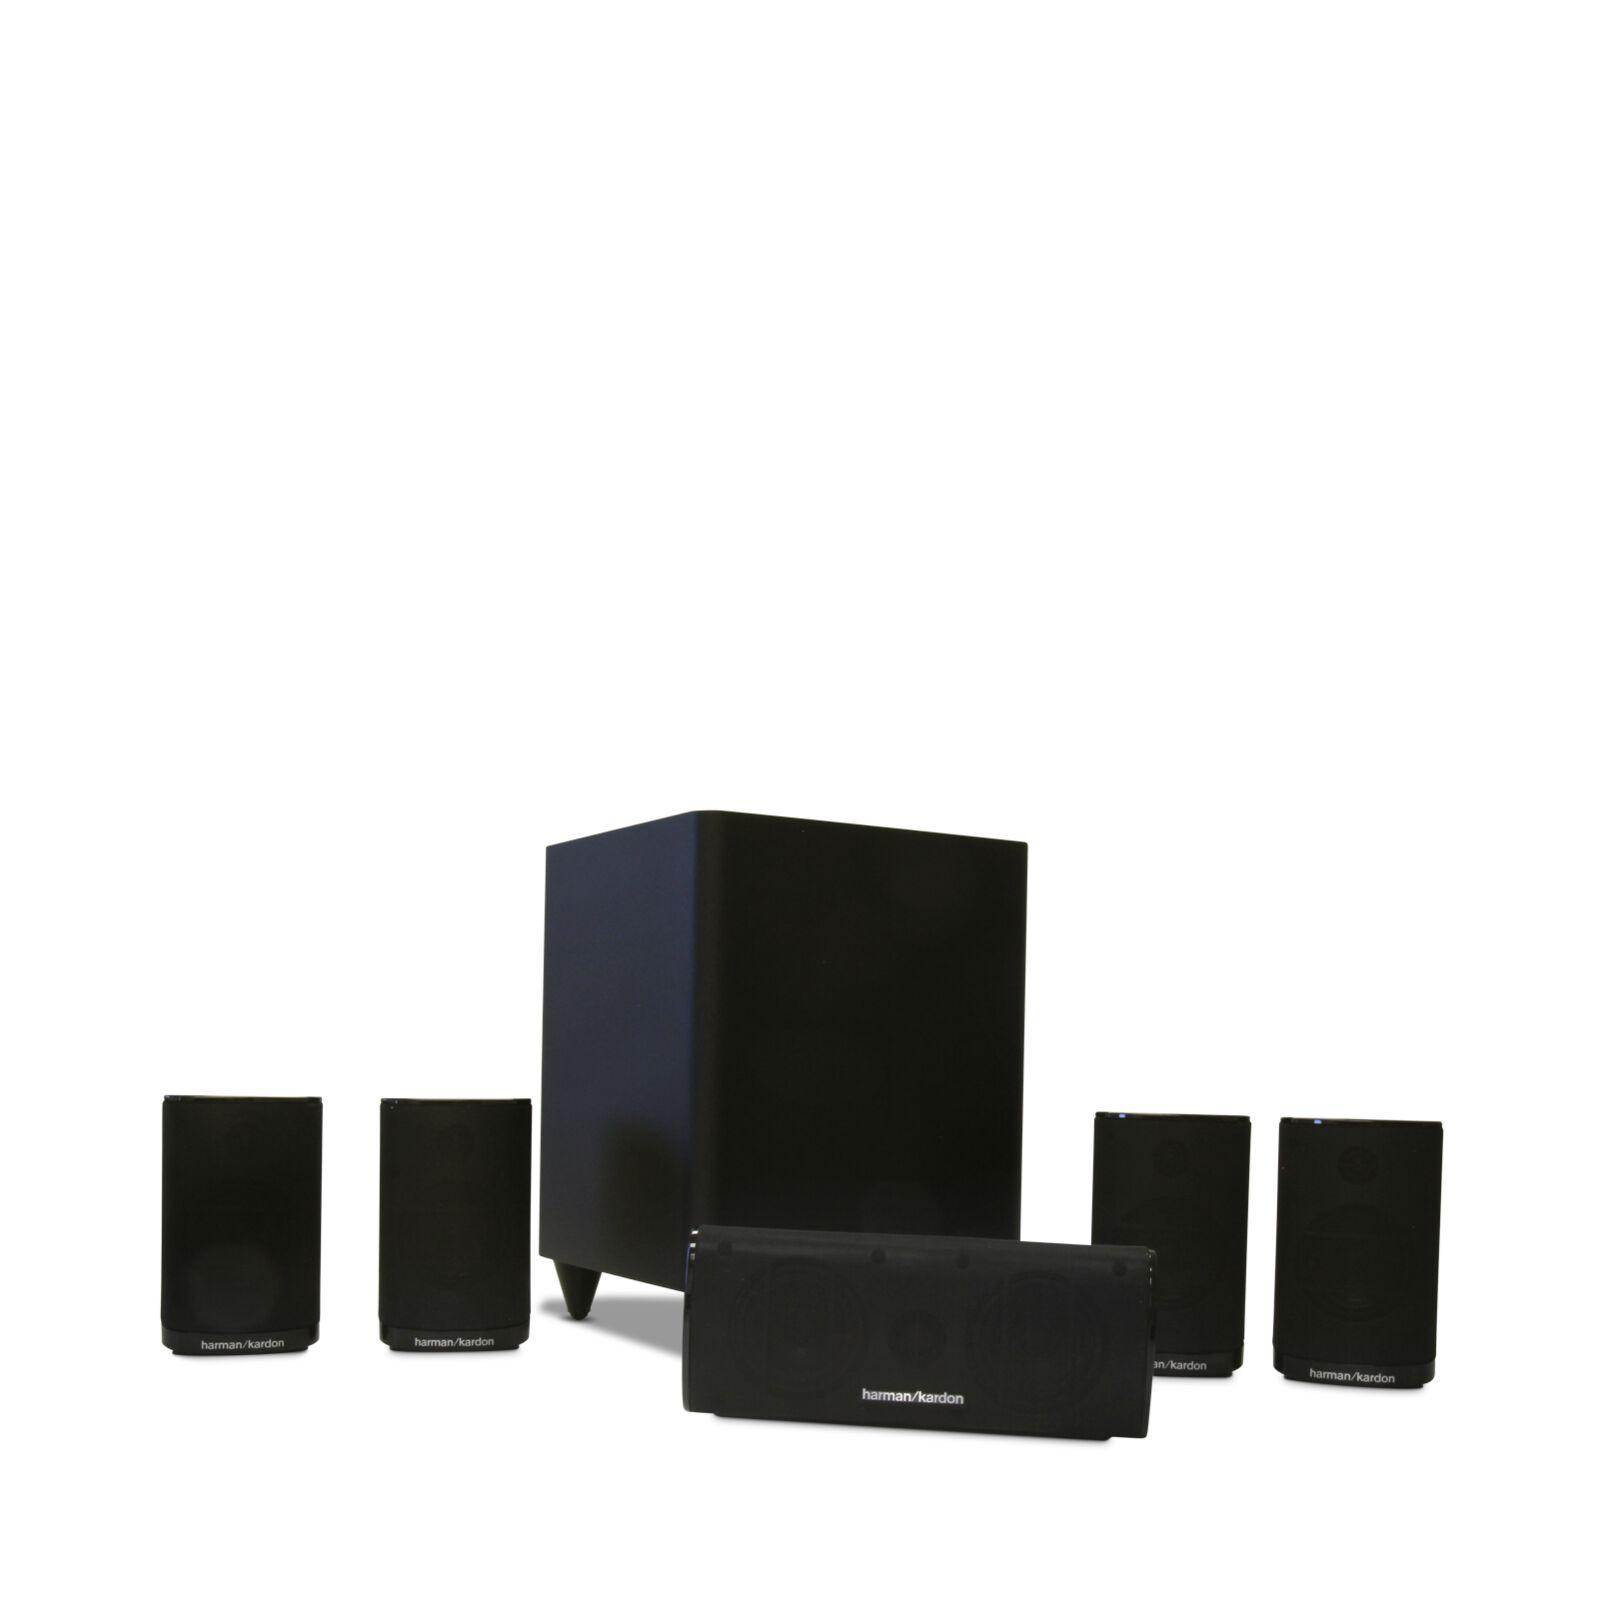 harman kardon hkts 5 a 5 1 channel home theater speaker. Black Bedroom Furniture Sets. Home Design Ideas